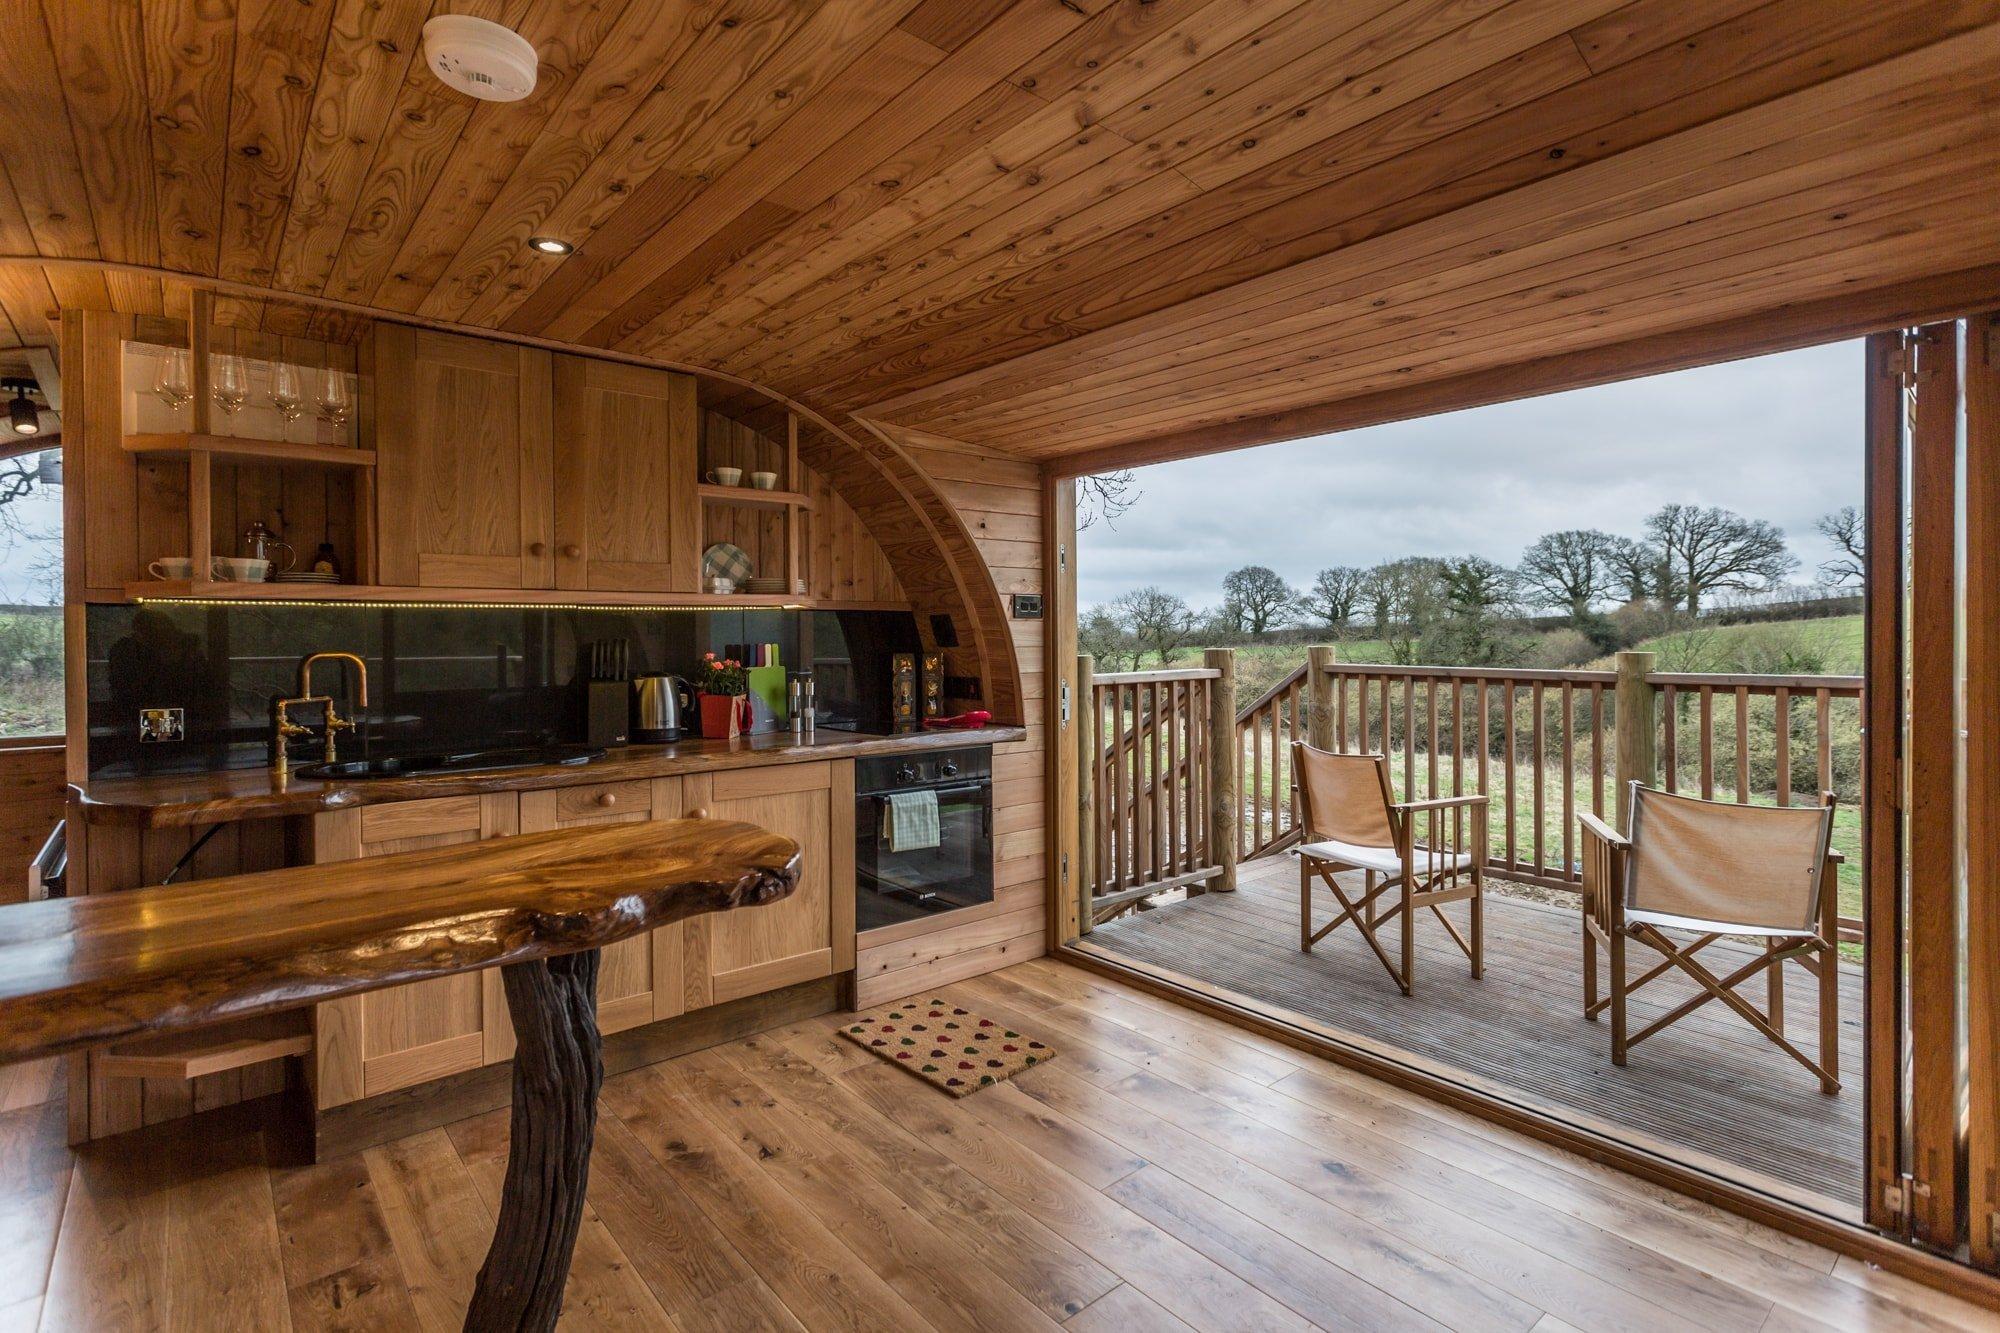 """Stromové domy se v posledních letech těší stále větší popularitě. Kromě mnoha stromových """"hotelů"""" se ale nachází stále více lidí, kteří si takovéto originální bydlení přejí zapojit i do svého běžného života. Stejné přání měli i majitelé tohoto stromového domu v Anglii. Umíte si představit, žít v něčem takovém?"""